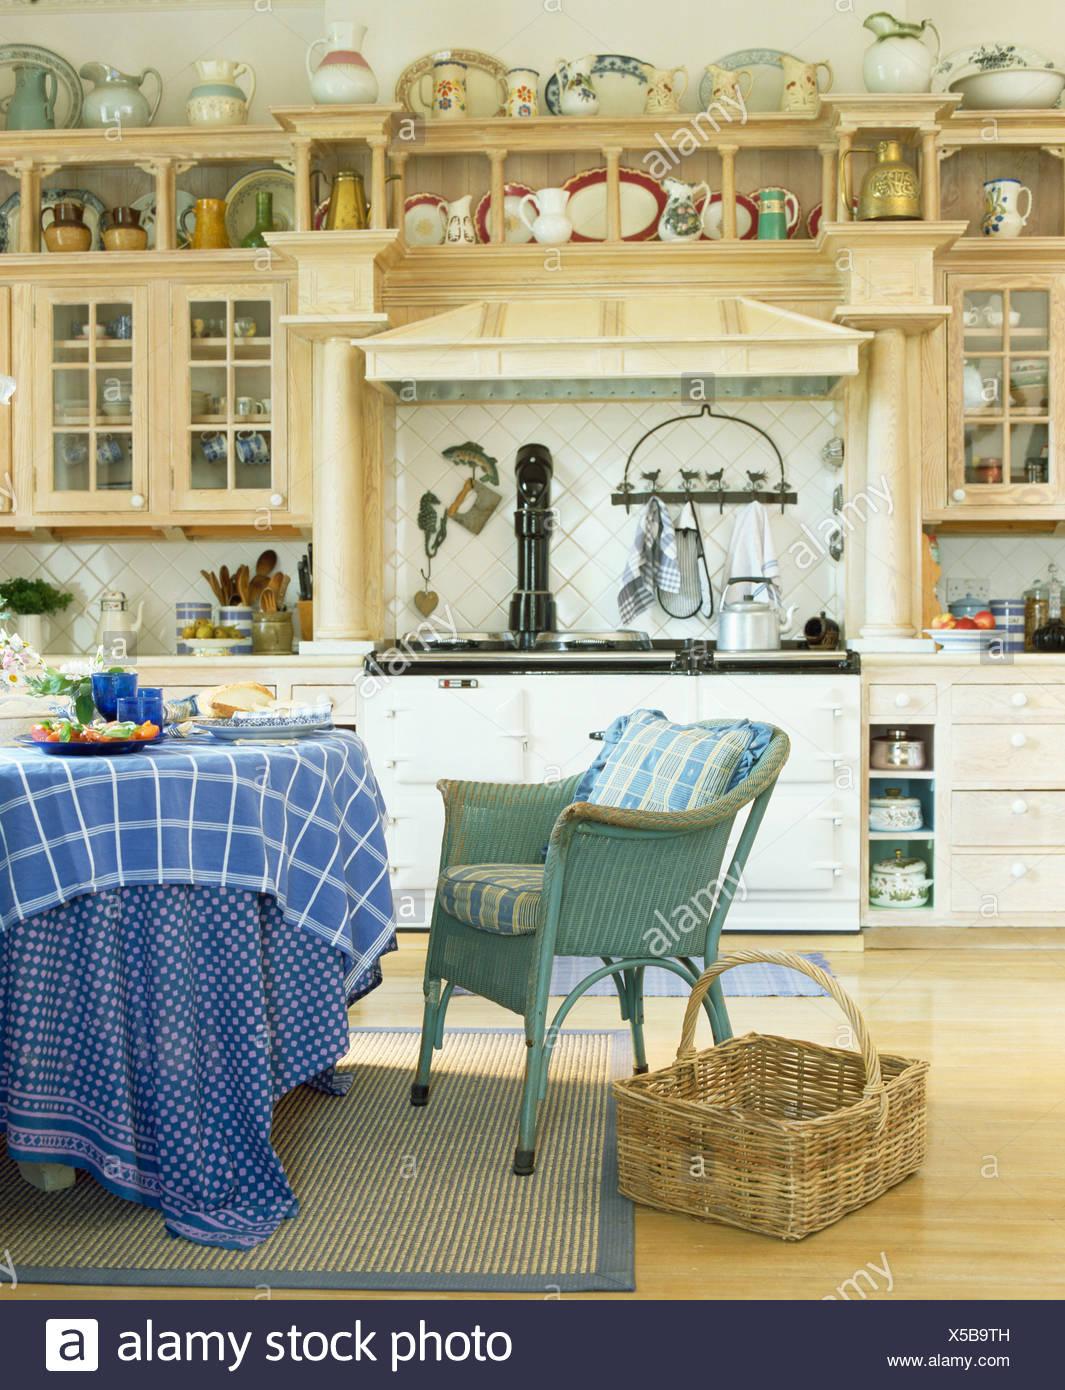 Großzügig Bauernküche Leuchten Bilder - Küche Set Ideen ...